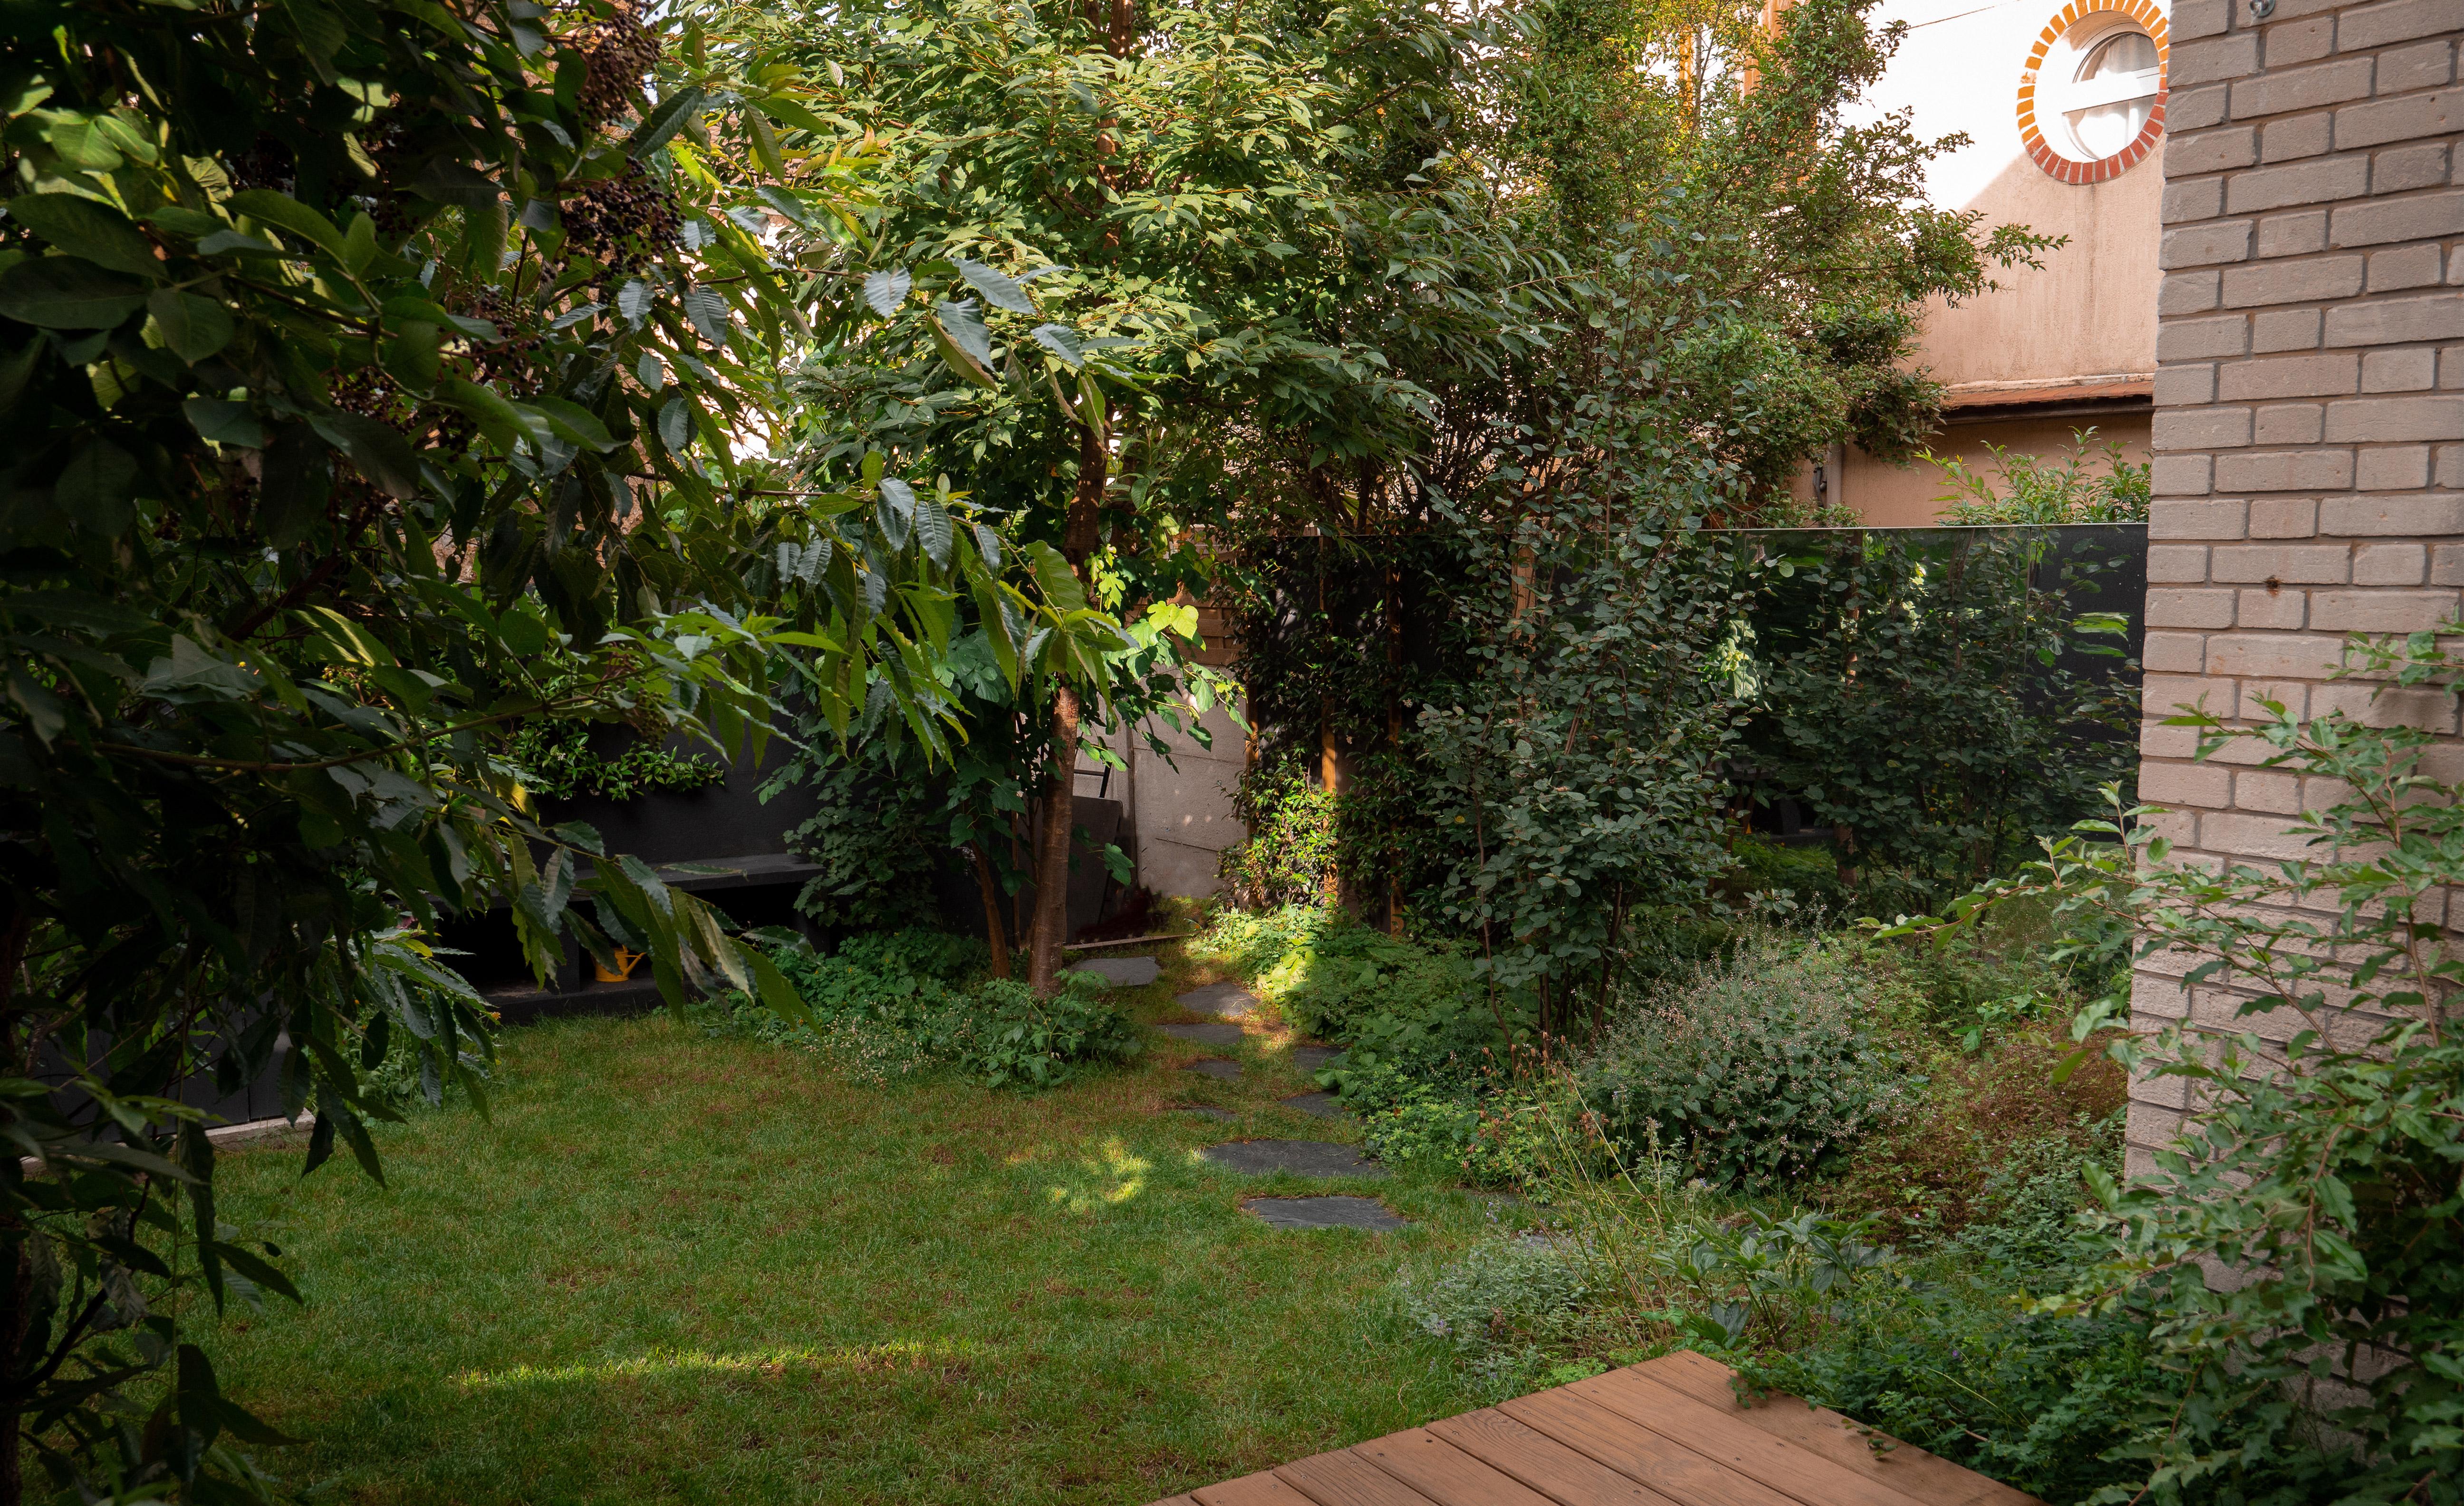 05_Jardin-infini-à-chatillon-Paysagiste-Hermeline-Carpentier-©photo-Anthony-Marques